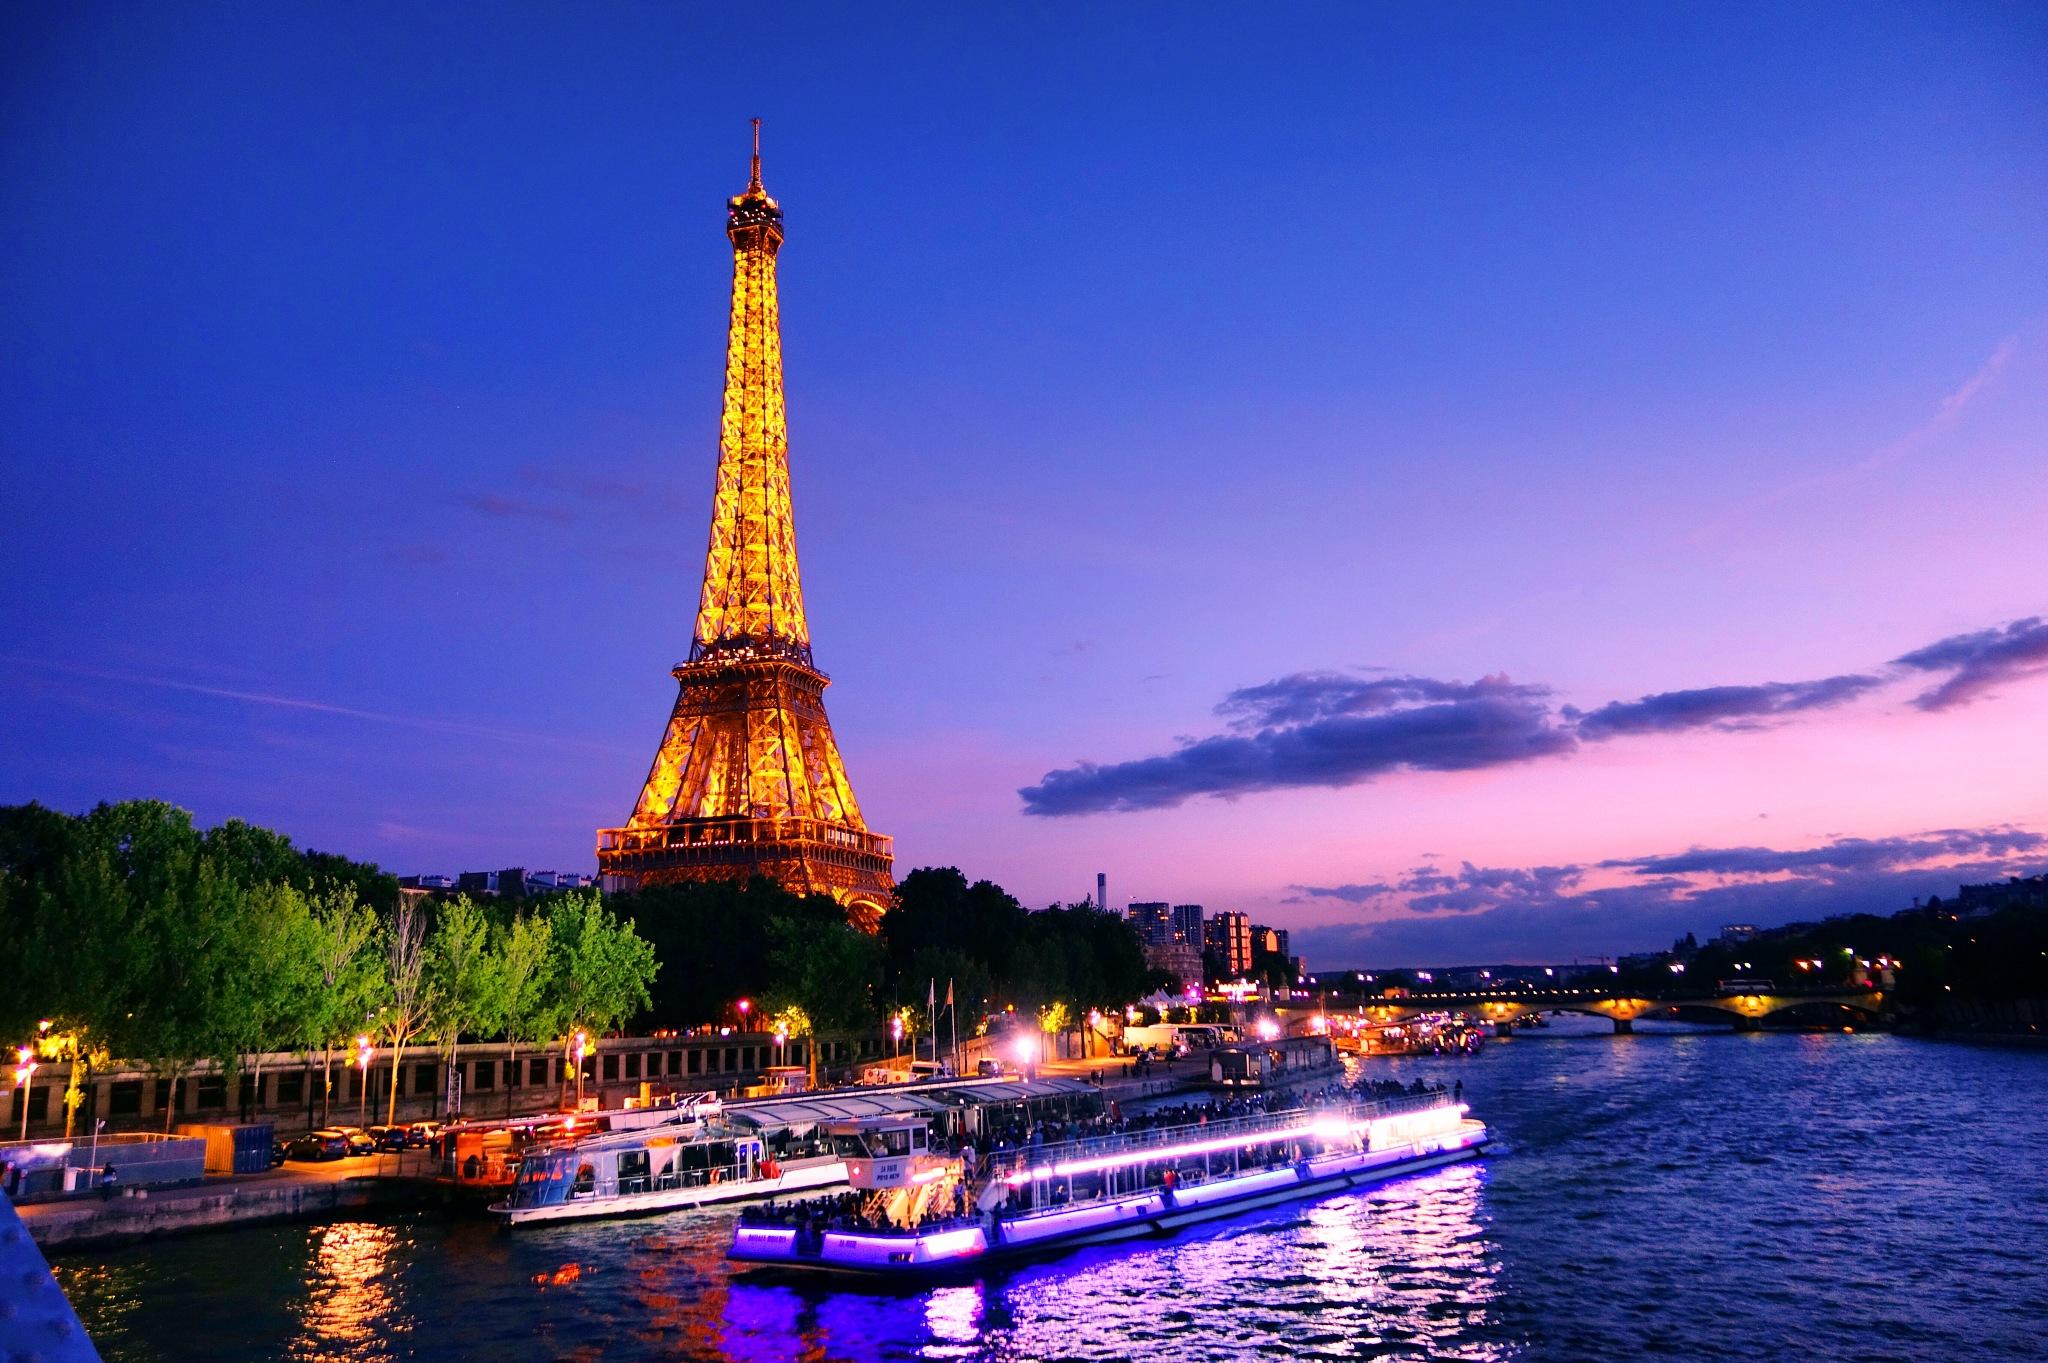 Atardecer en París  by jveraroyo